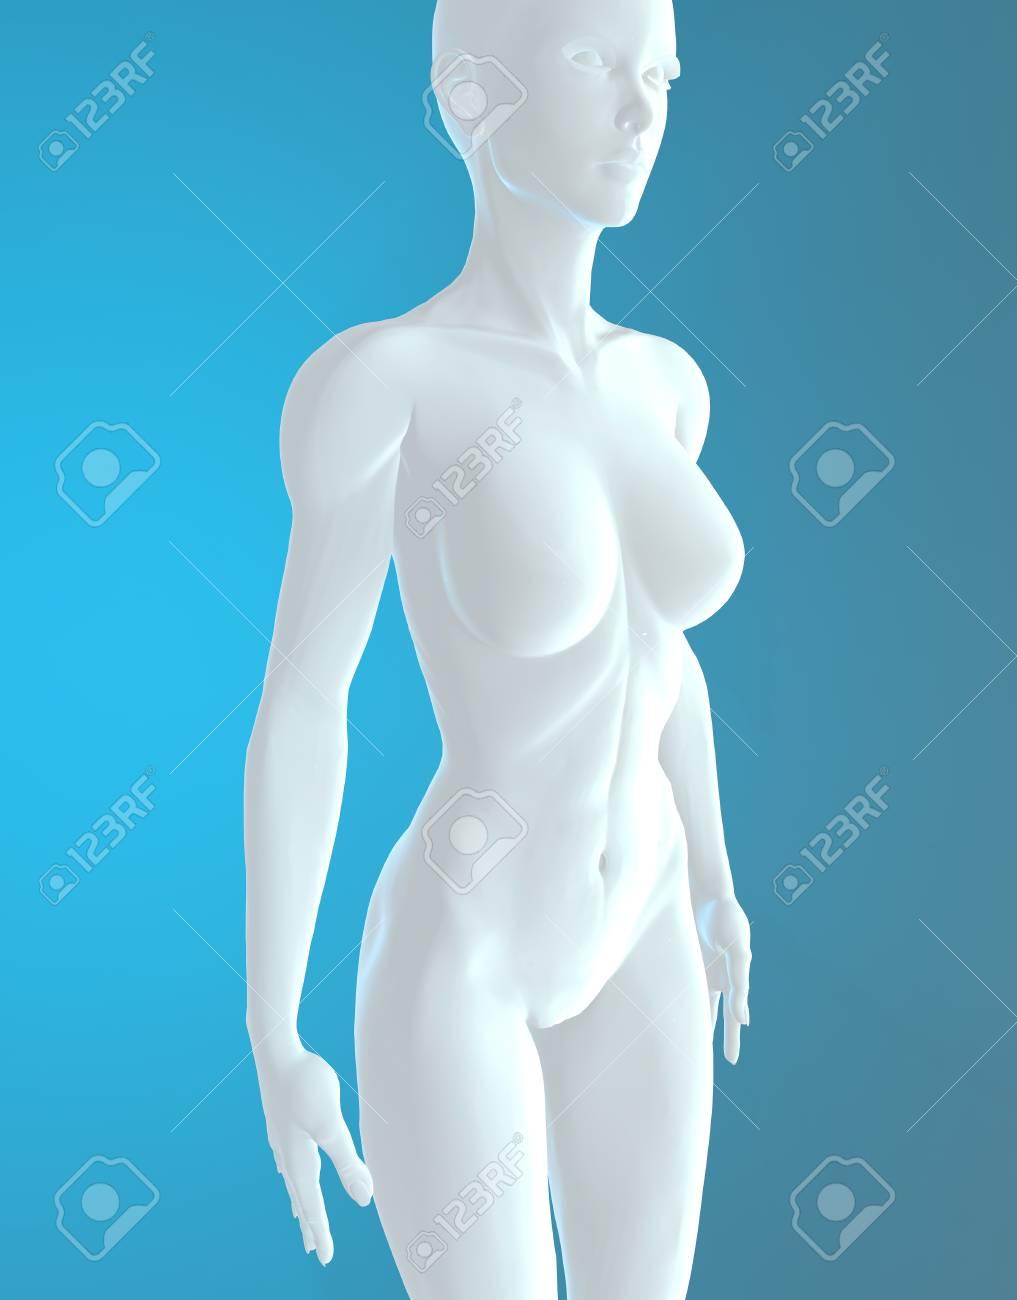 Weibliche Anatomie Menschlicher Körper Weiß Lizenzfreie Fotos ...